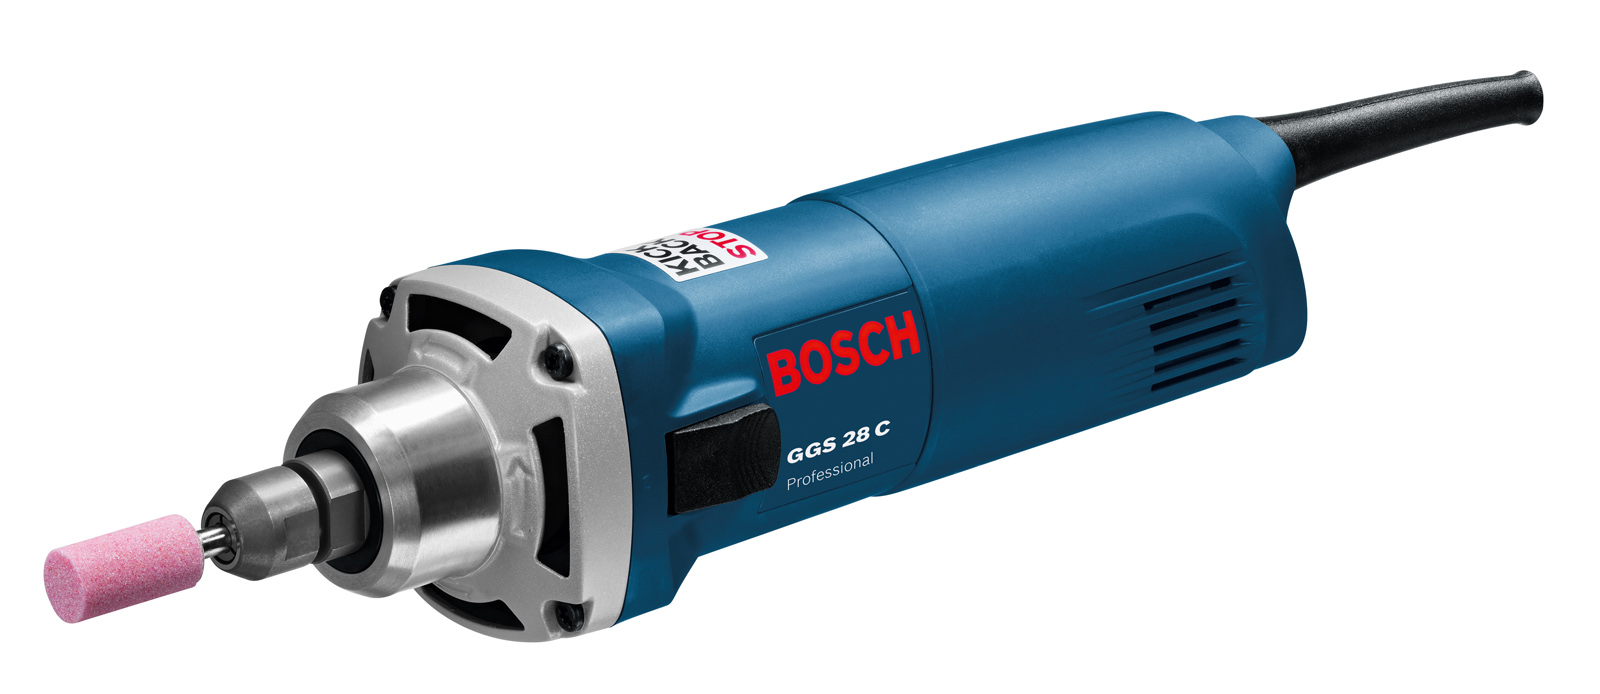 Машинка шлифовальная прямая Bosch Ggs 28 c (0.601.220.000)